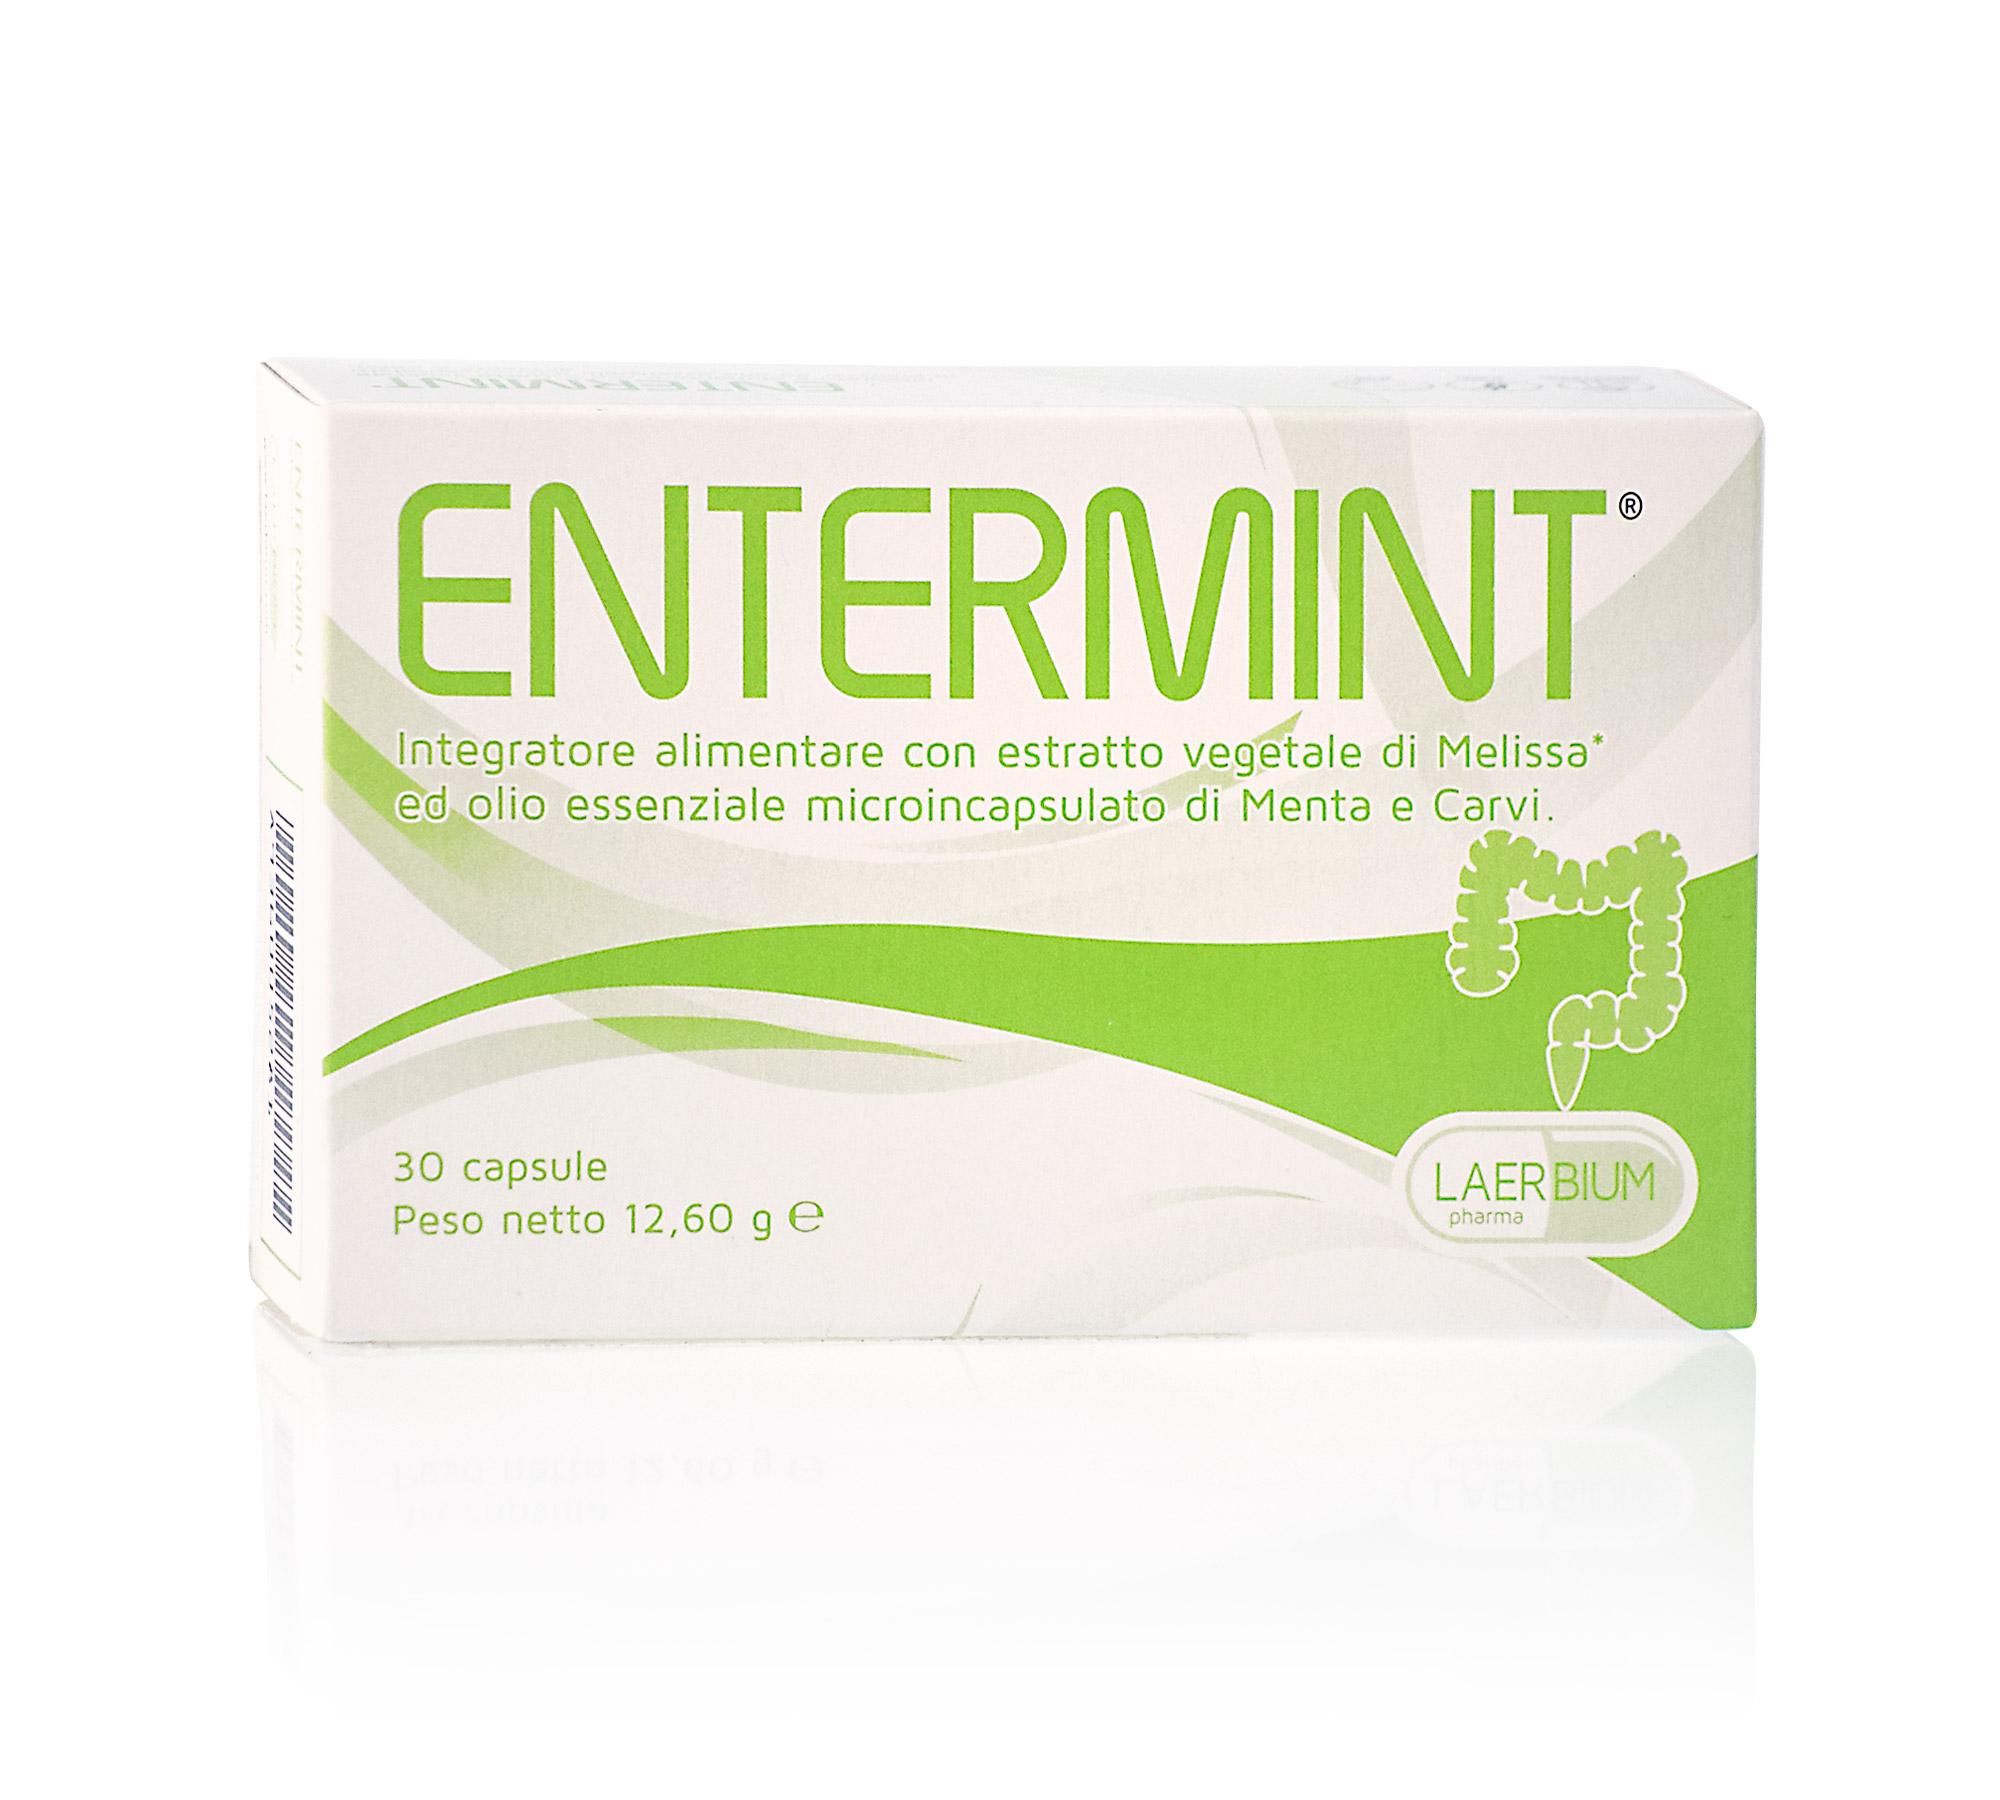 Entermint